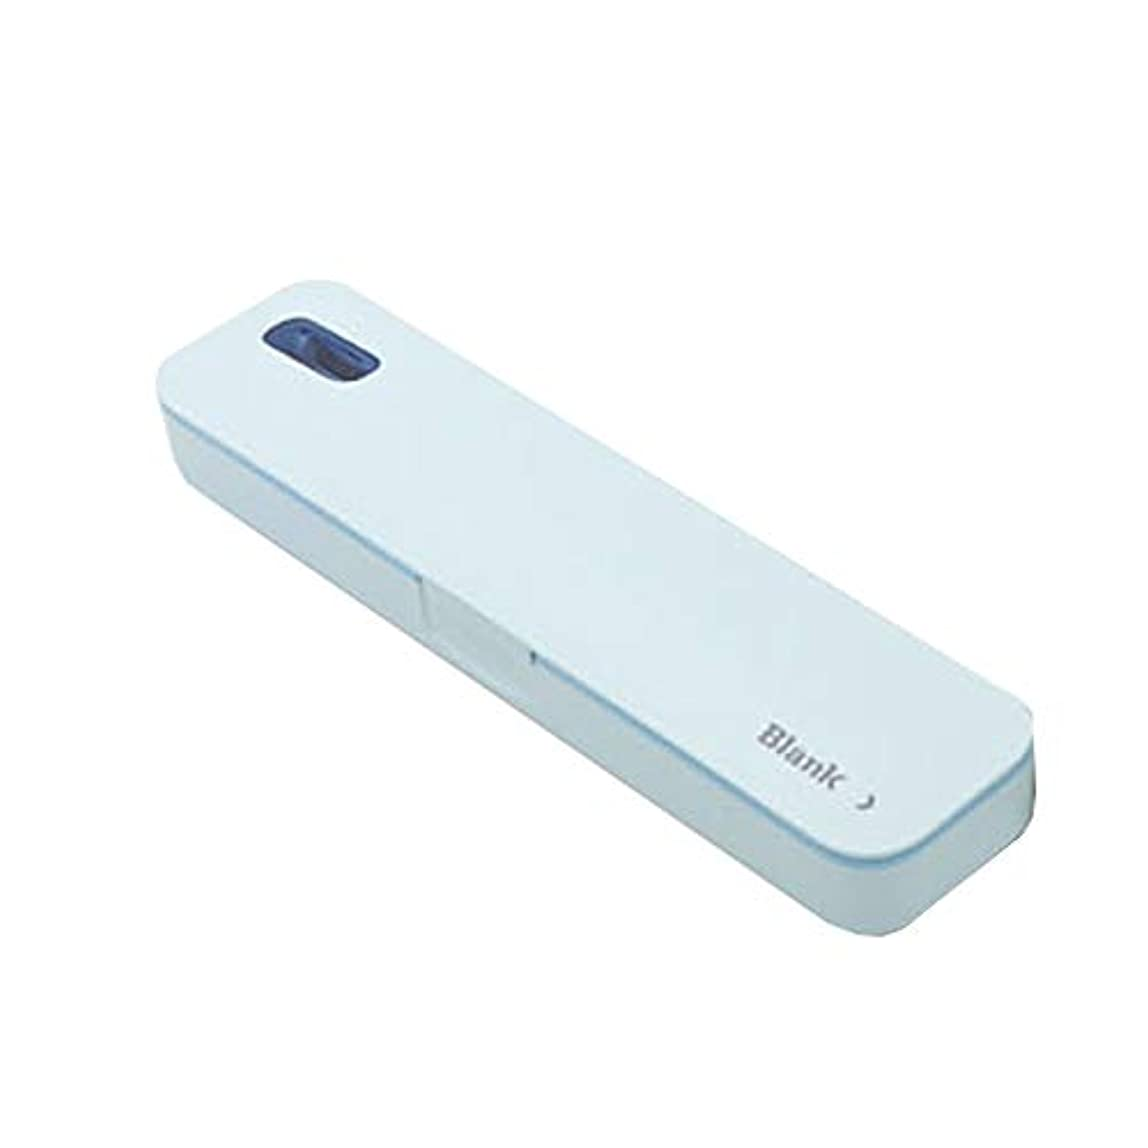 バンドル有毒パンダiriver TBS-A500ポータブル紫外線歯ブラシ消毒剤 (Blue)